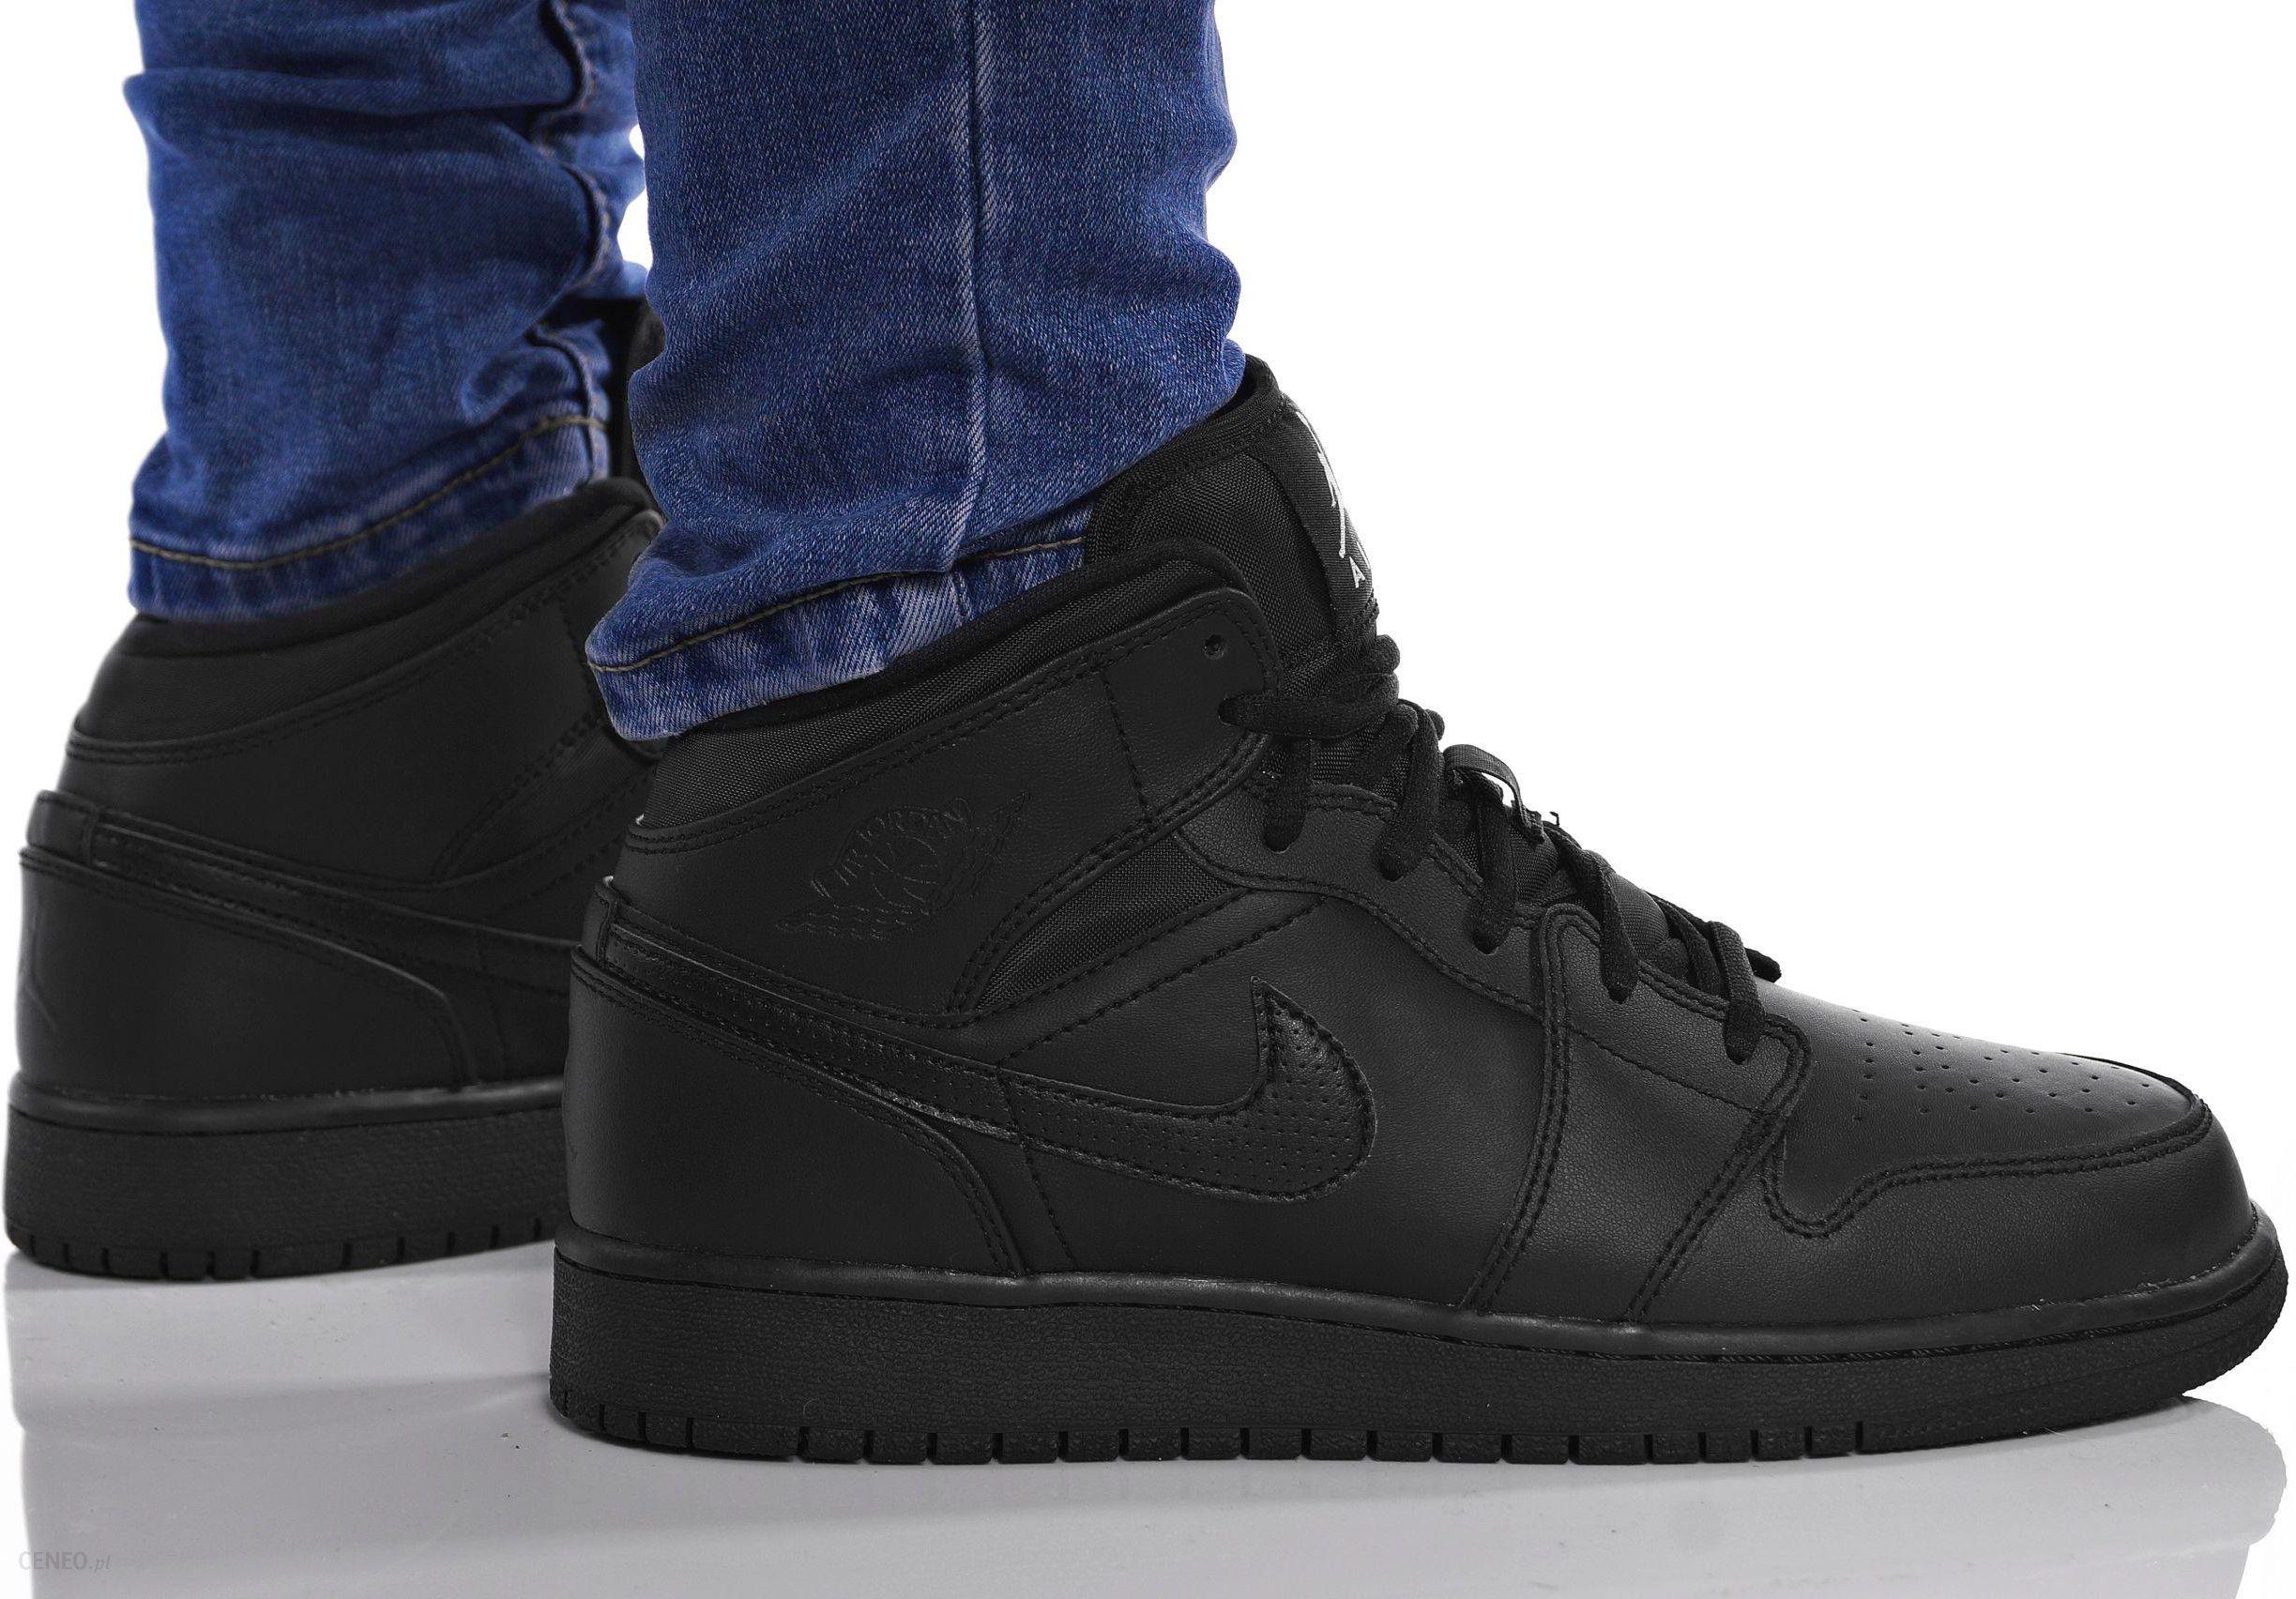 39 Buty Nike Air Max 90 Czarne 833412 001 Skóra Ceny i opinie Ceneo.pl